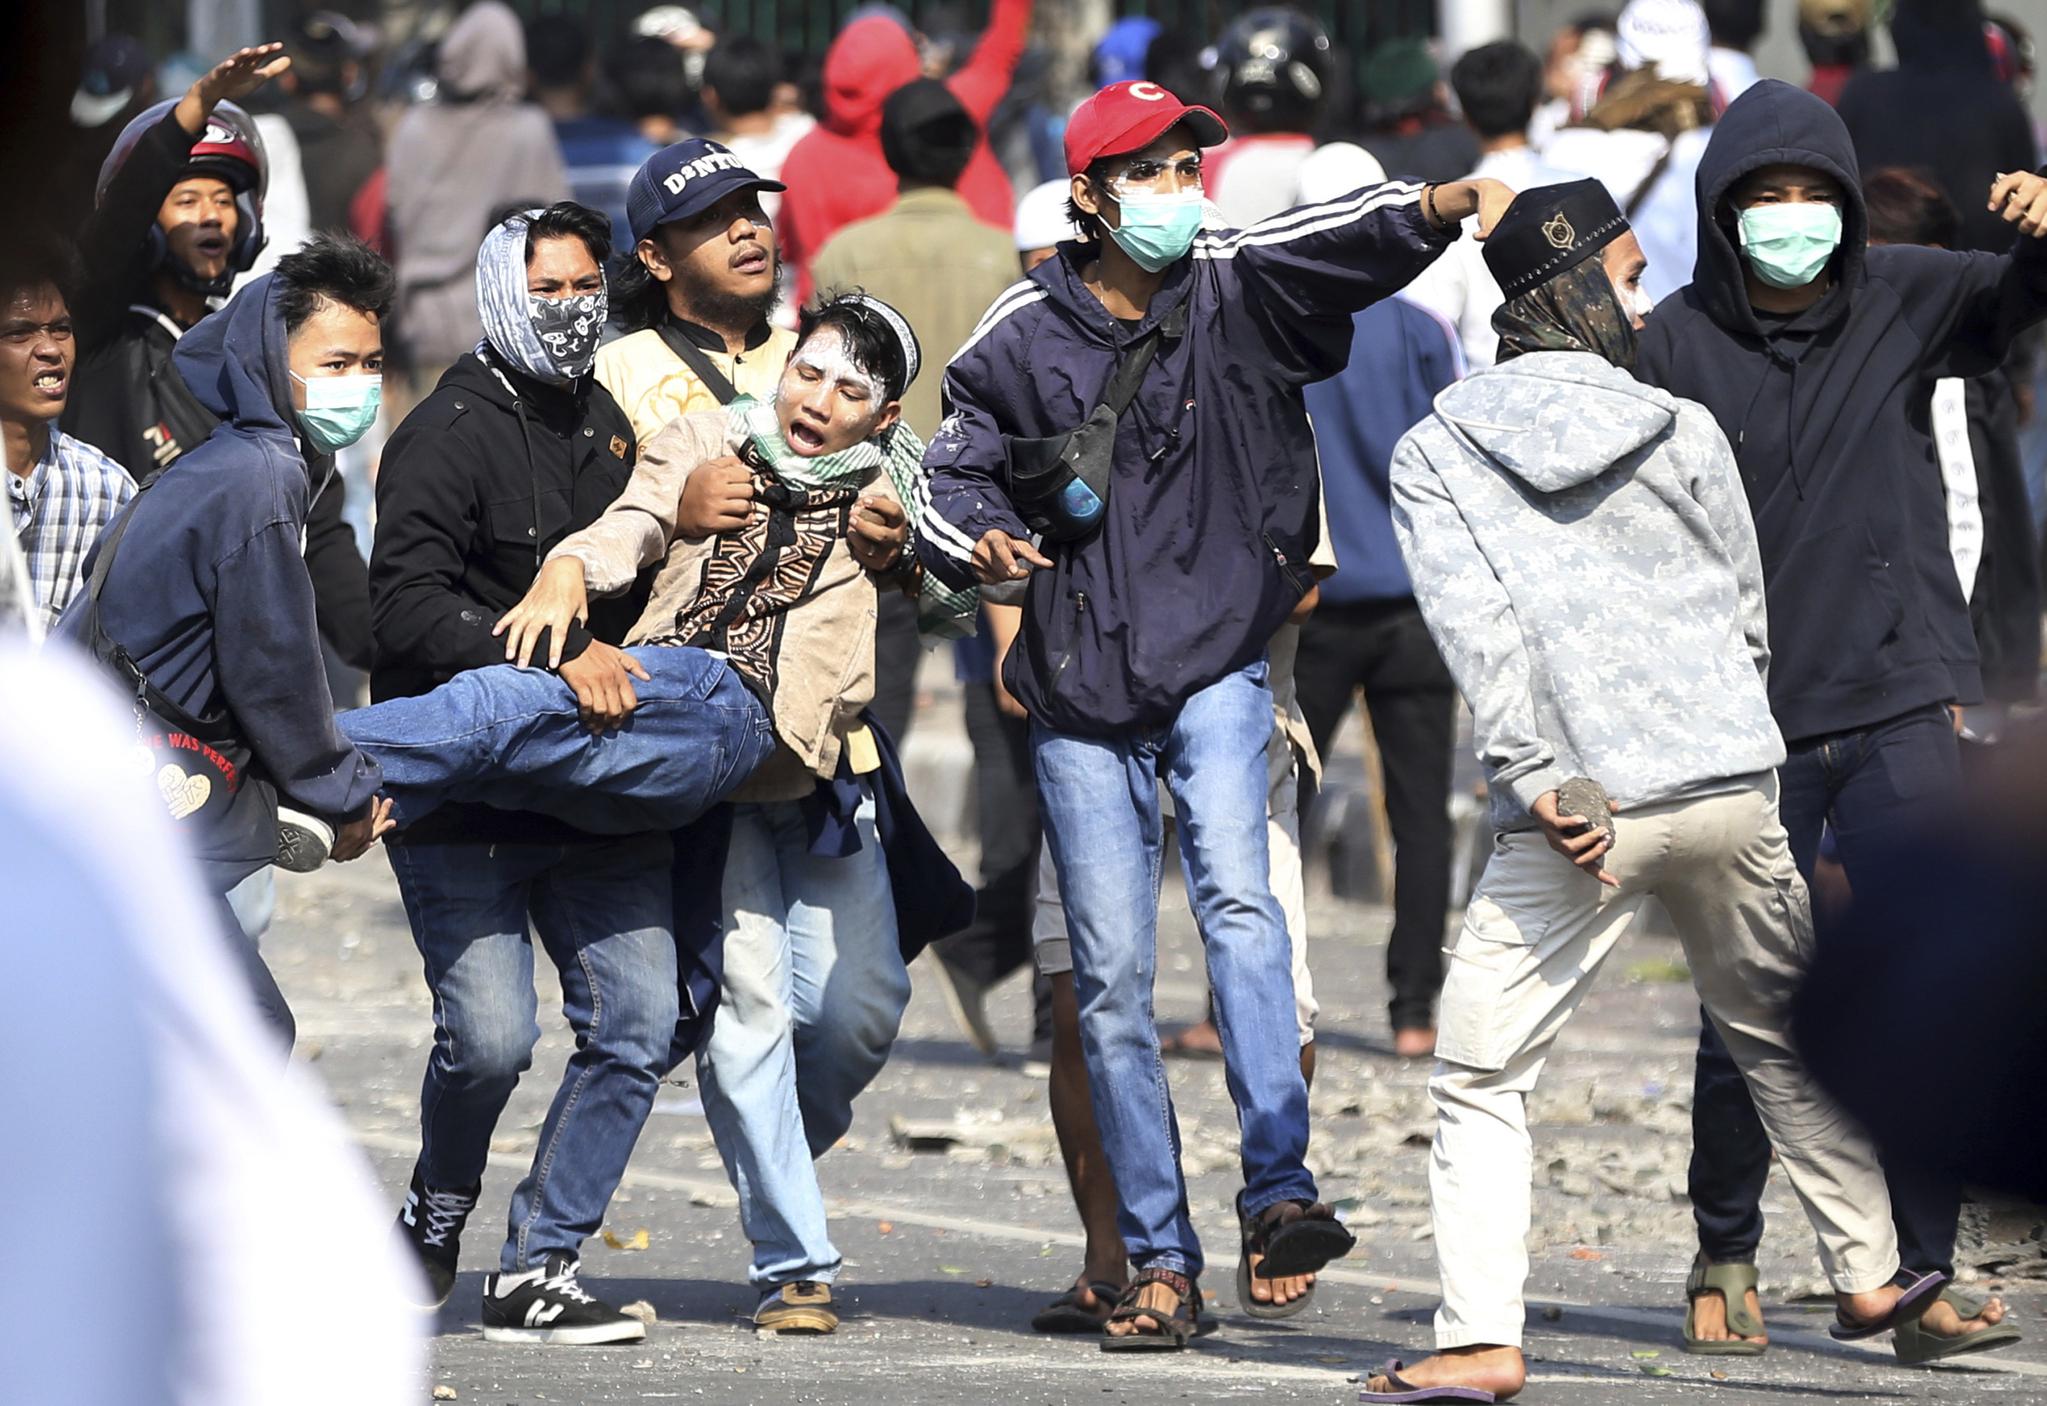 대선 결과 불복 시위에 참가한 야권 지지자들이 22일(현지시간) 인도네시아 자카르타에서 시위를 벌이던 도중 부상자를 옮기고 있다.[AP=연합뉴스]